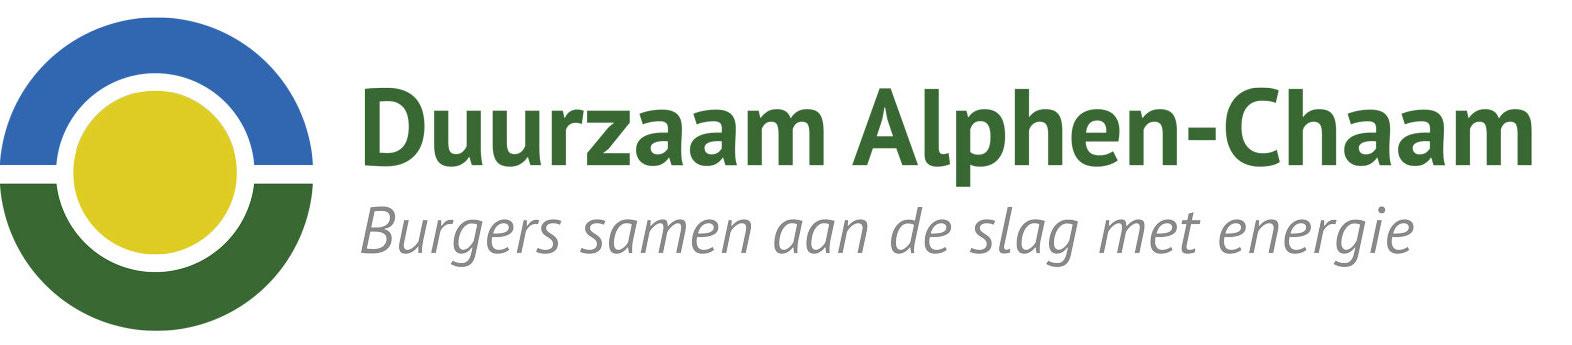 Duurzaam Alphen-Chaam